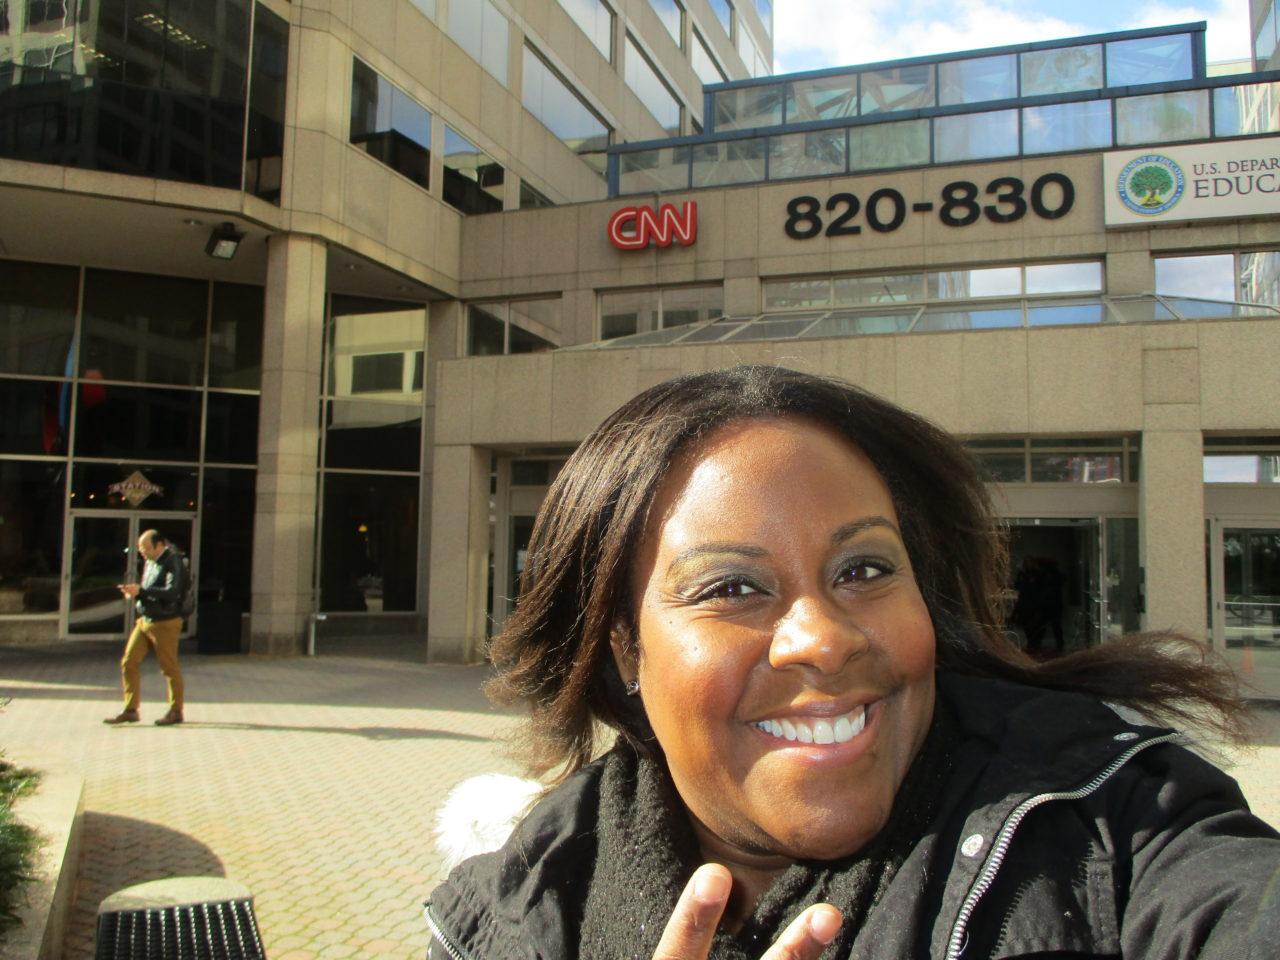 peace out CNN